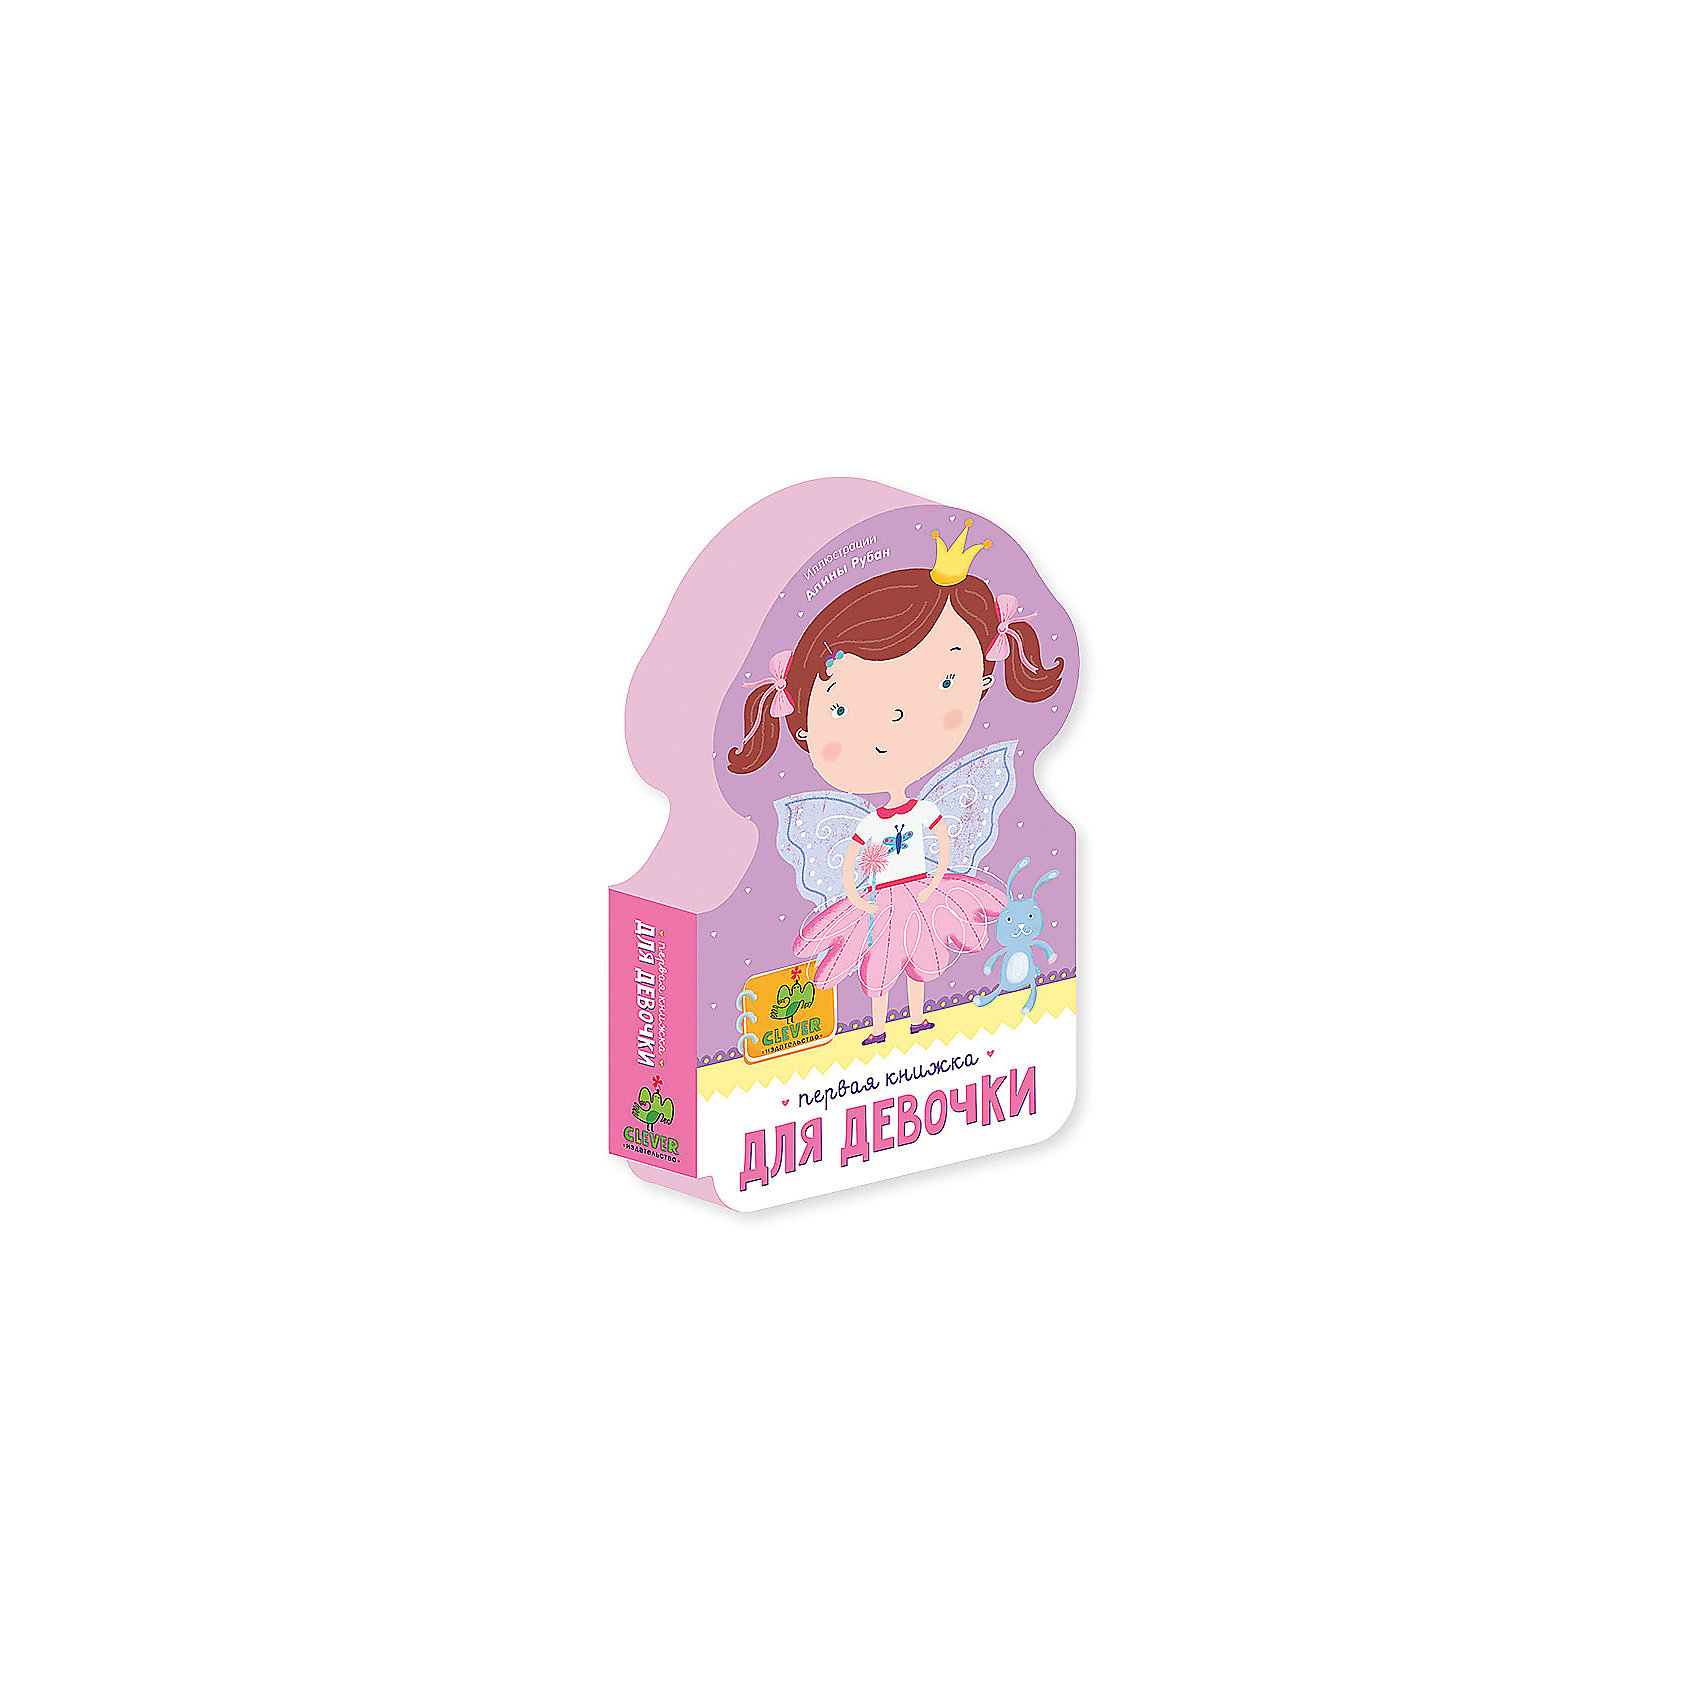 Clever Книга Первая книжка для девочки clever книга первая книжка для девочки